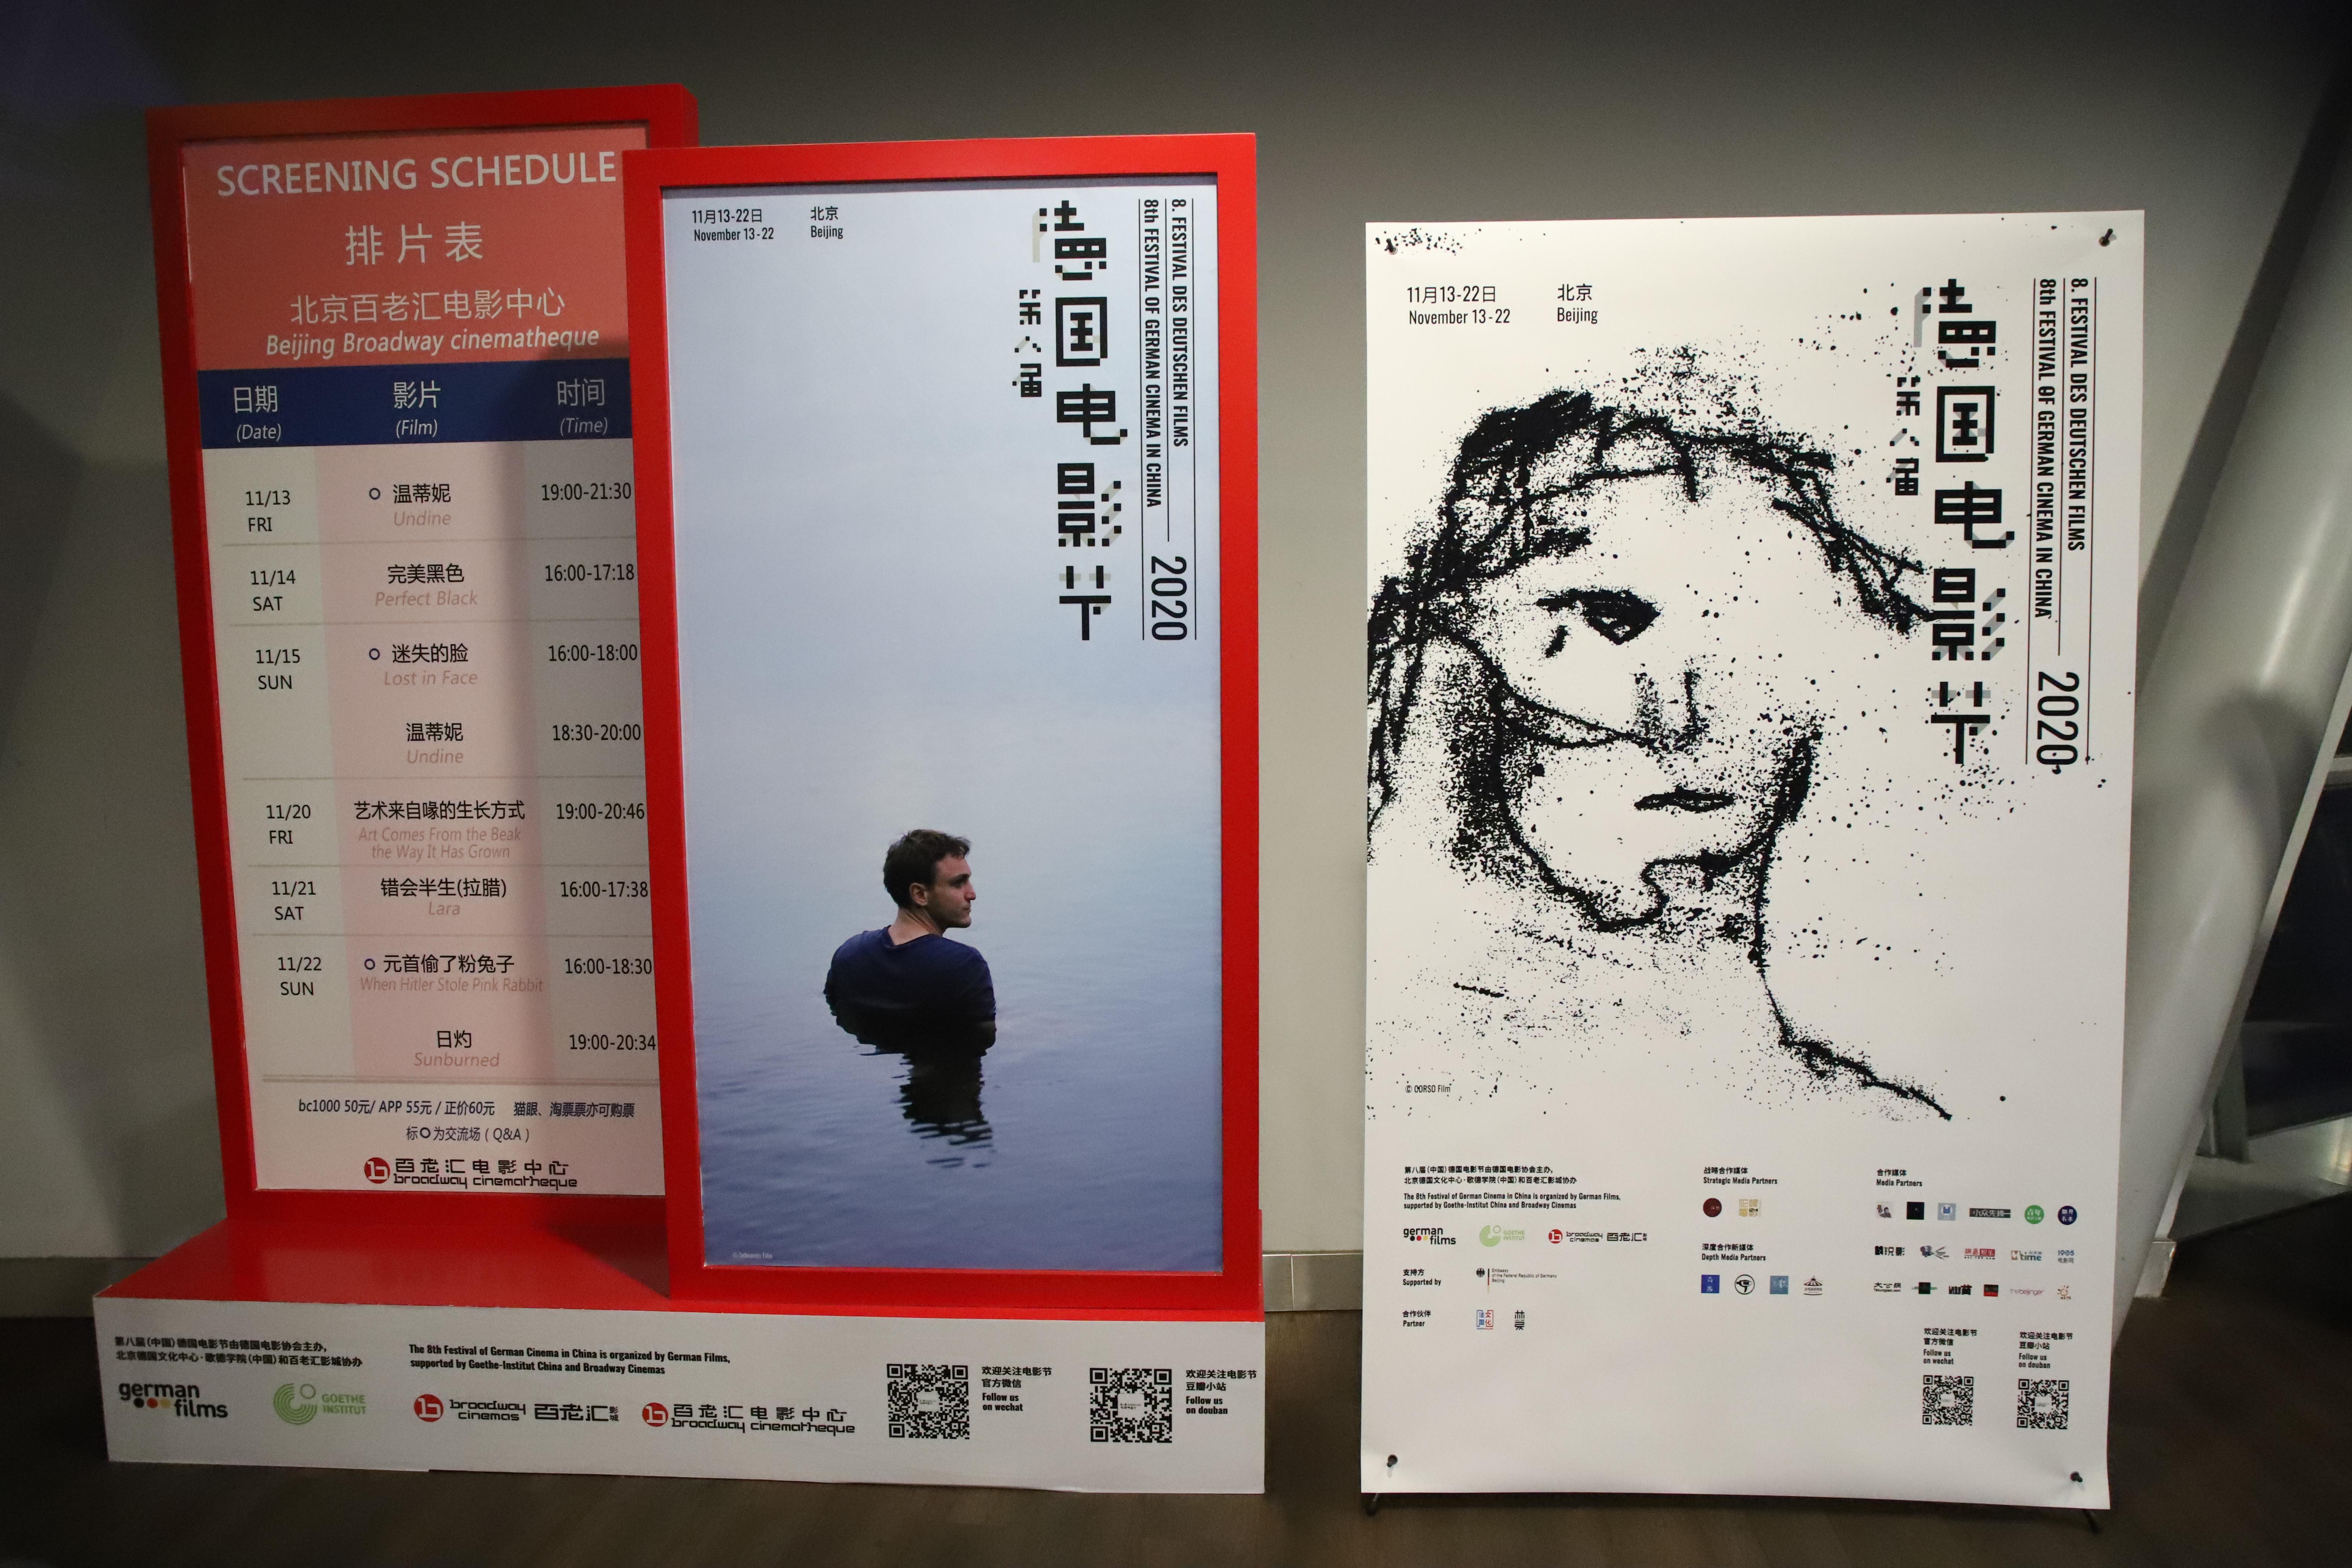 第八届德国电影节开幕,王学兵担任中国宣传大使